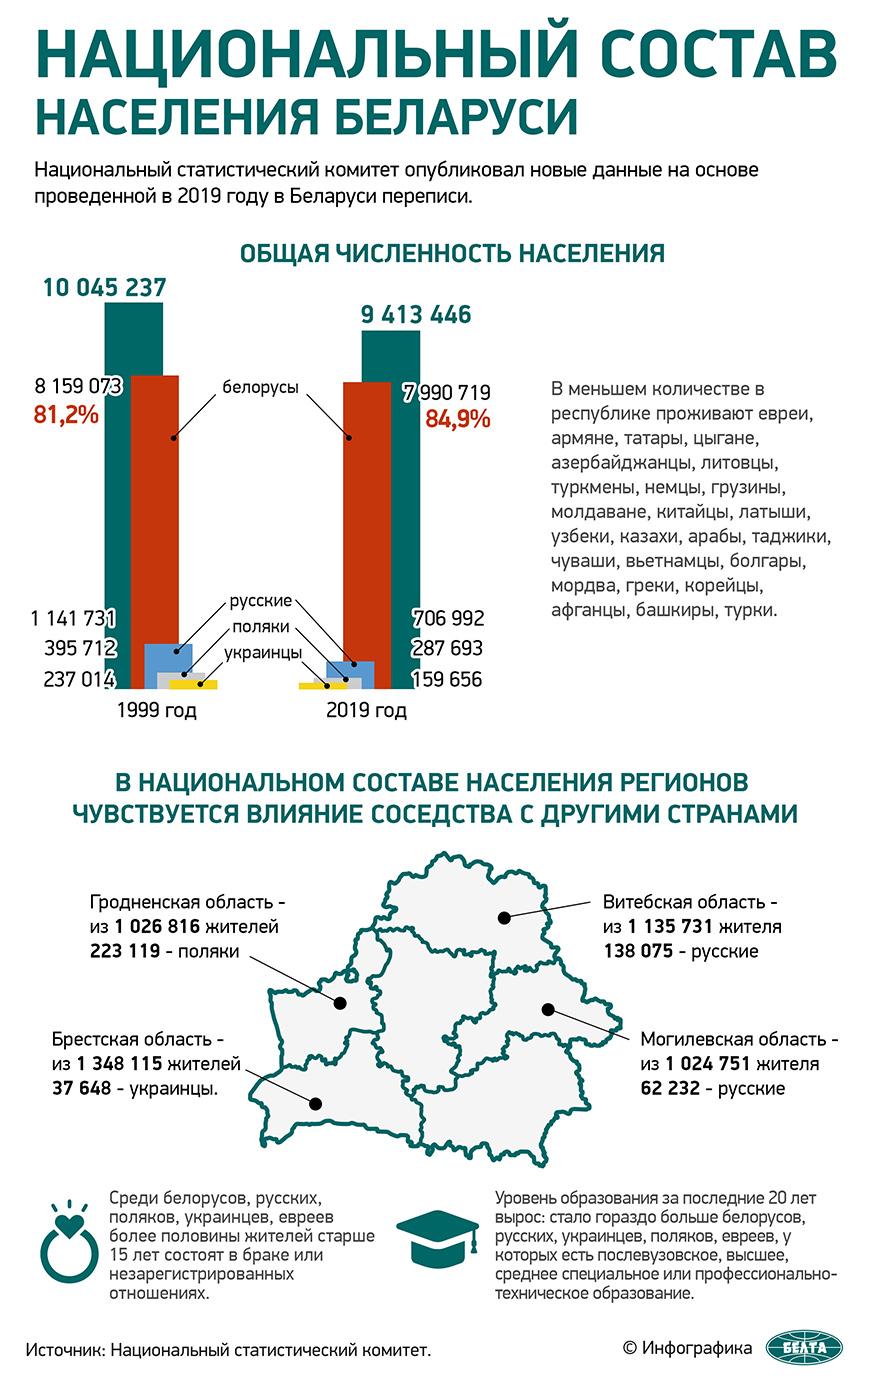 Национальный состав населения Беларуси